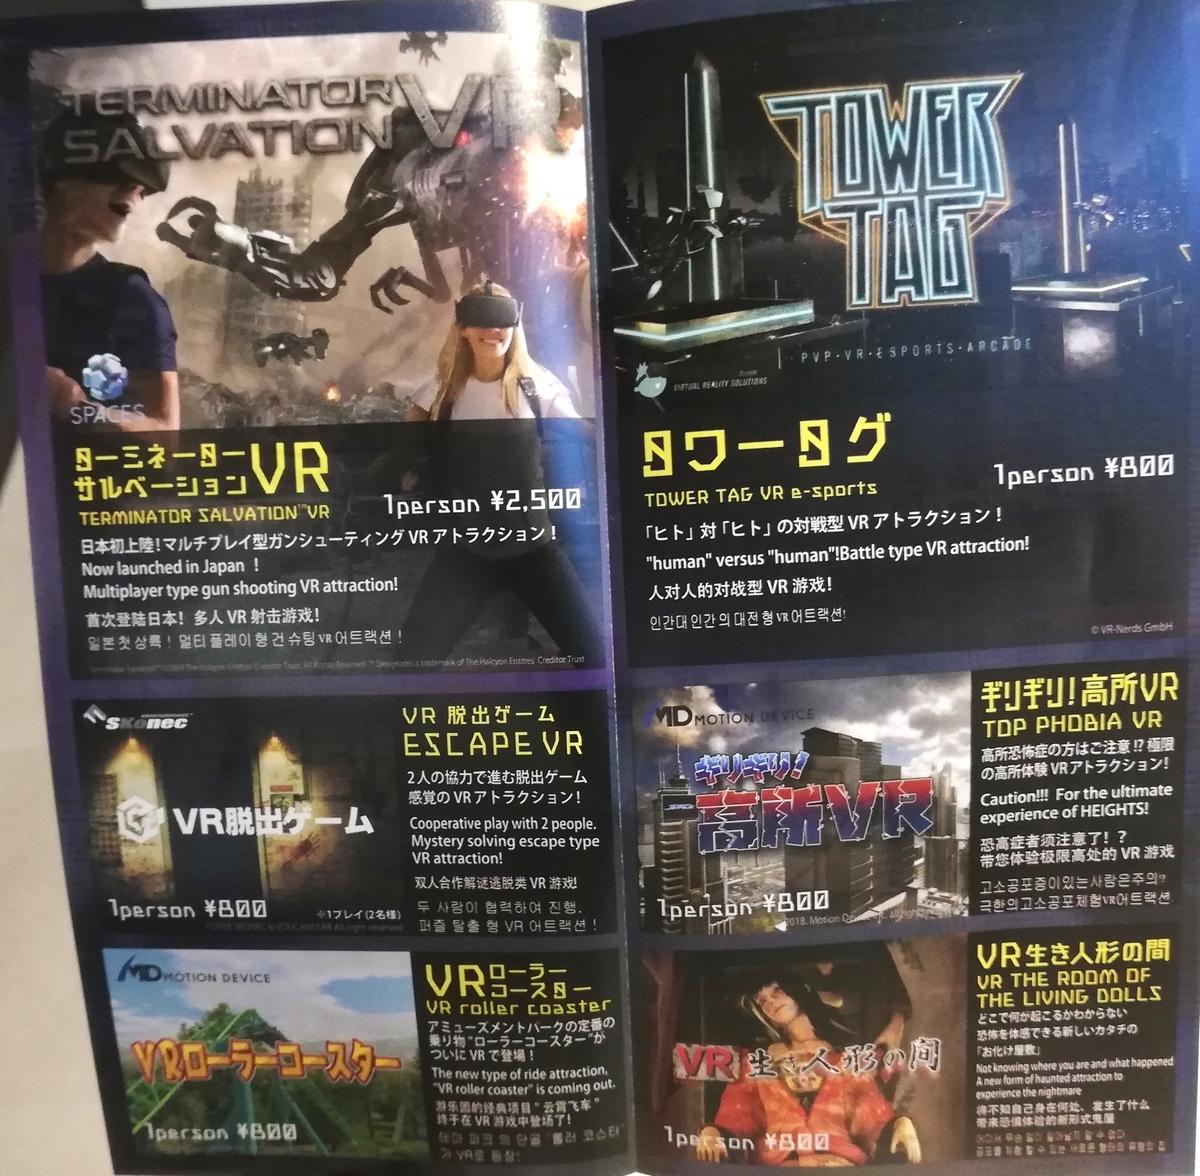 f:id:Tokyo-amuse:20190923204445j:plain